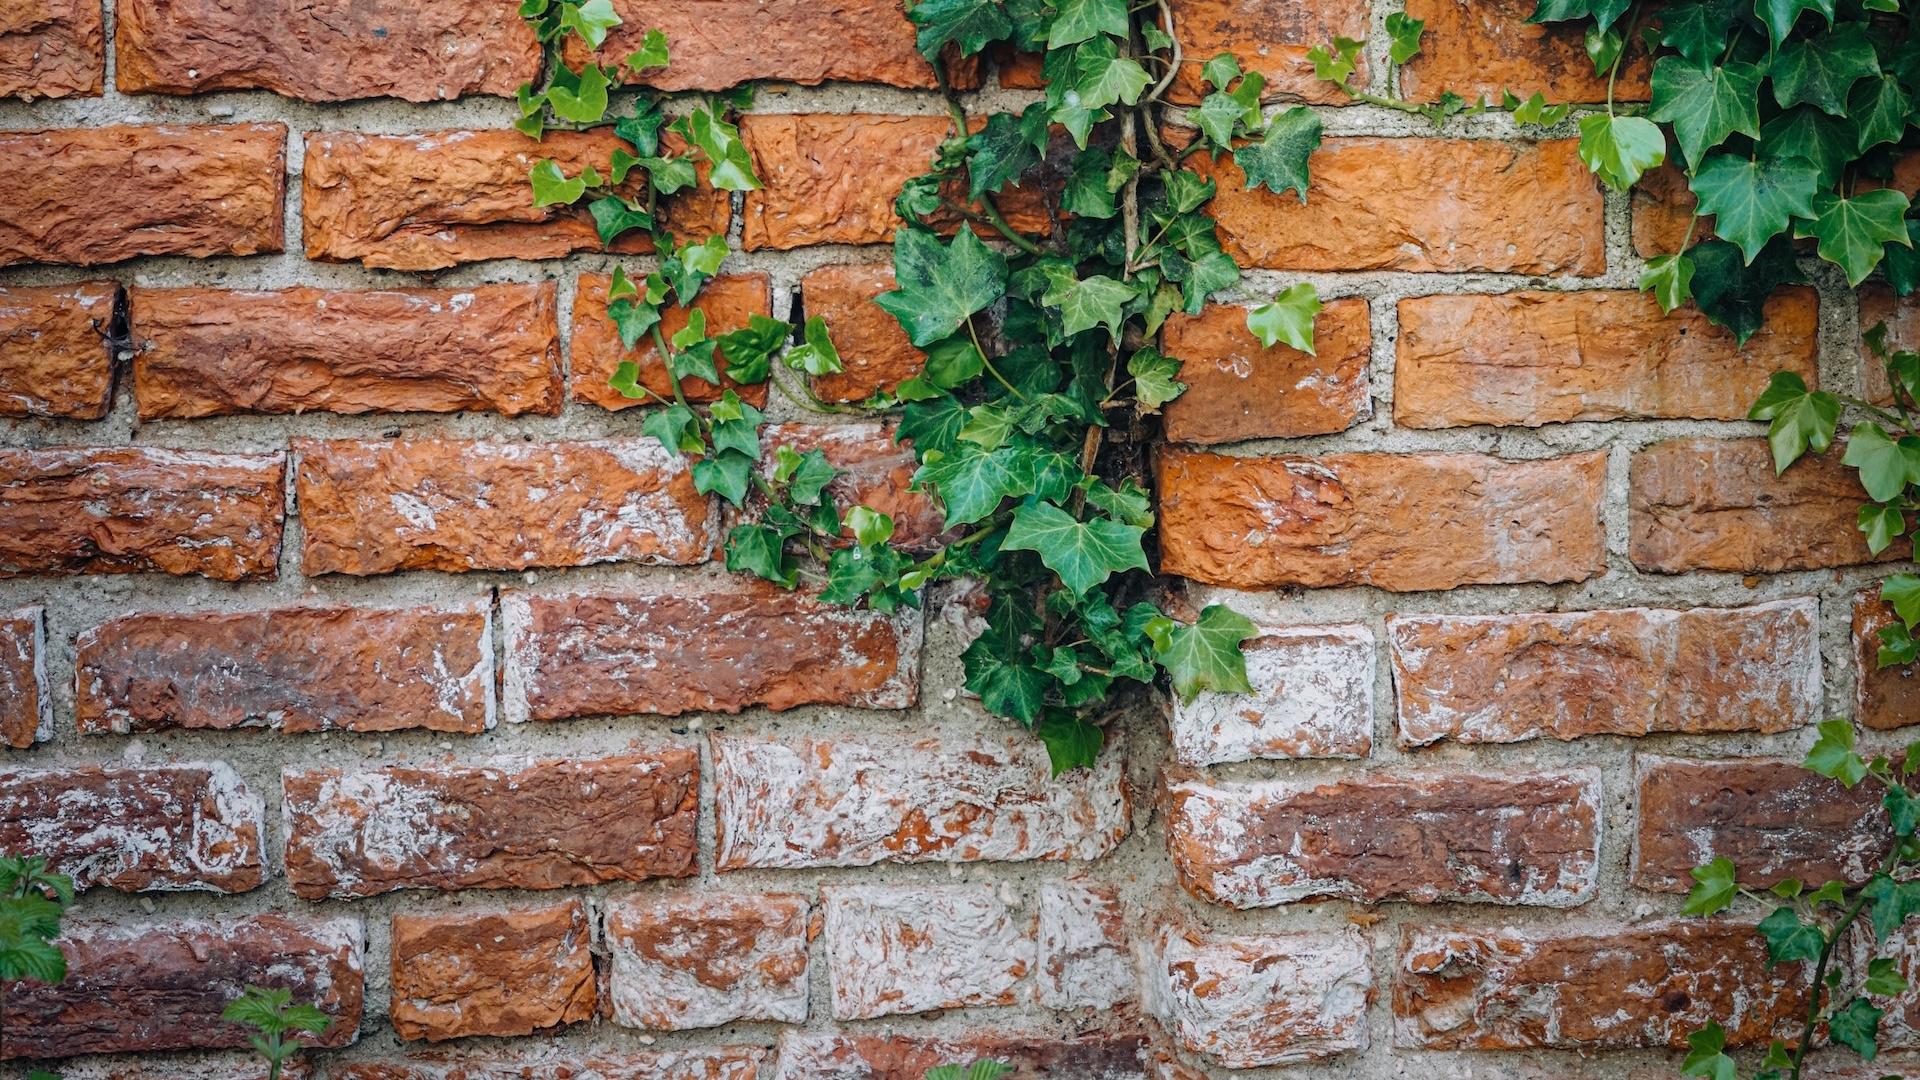 緑のアイビーとレンガの壁